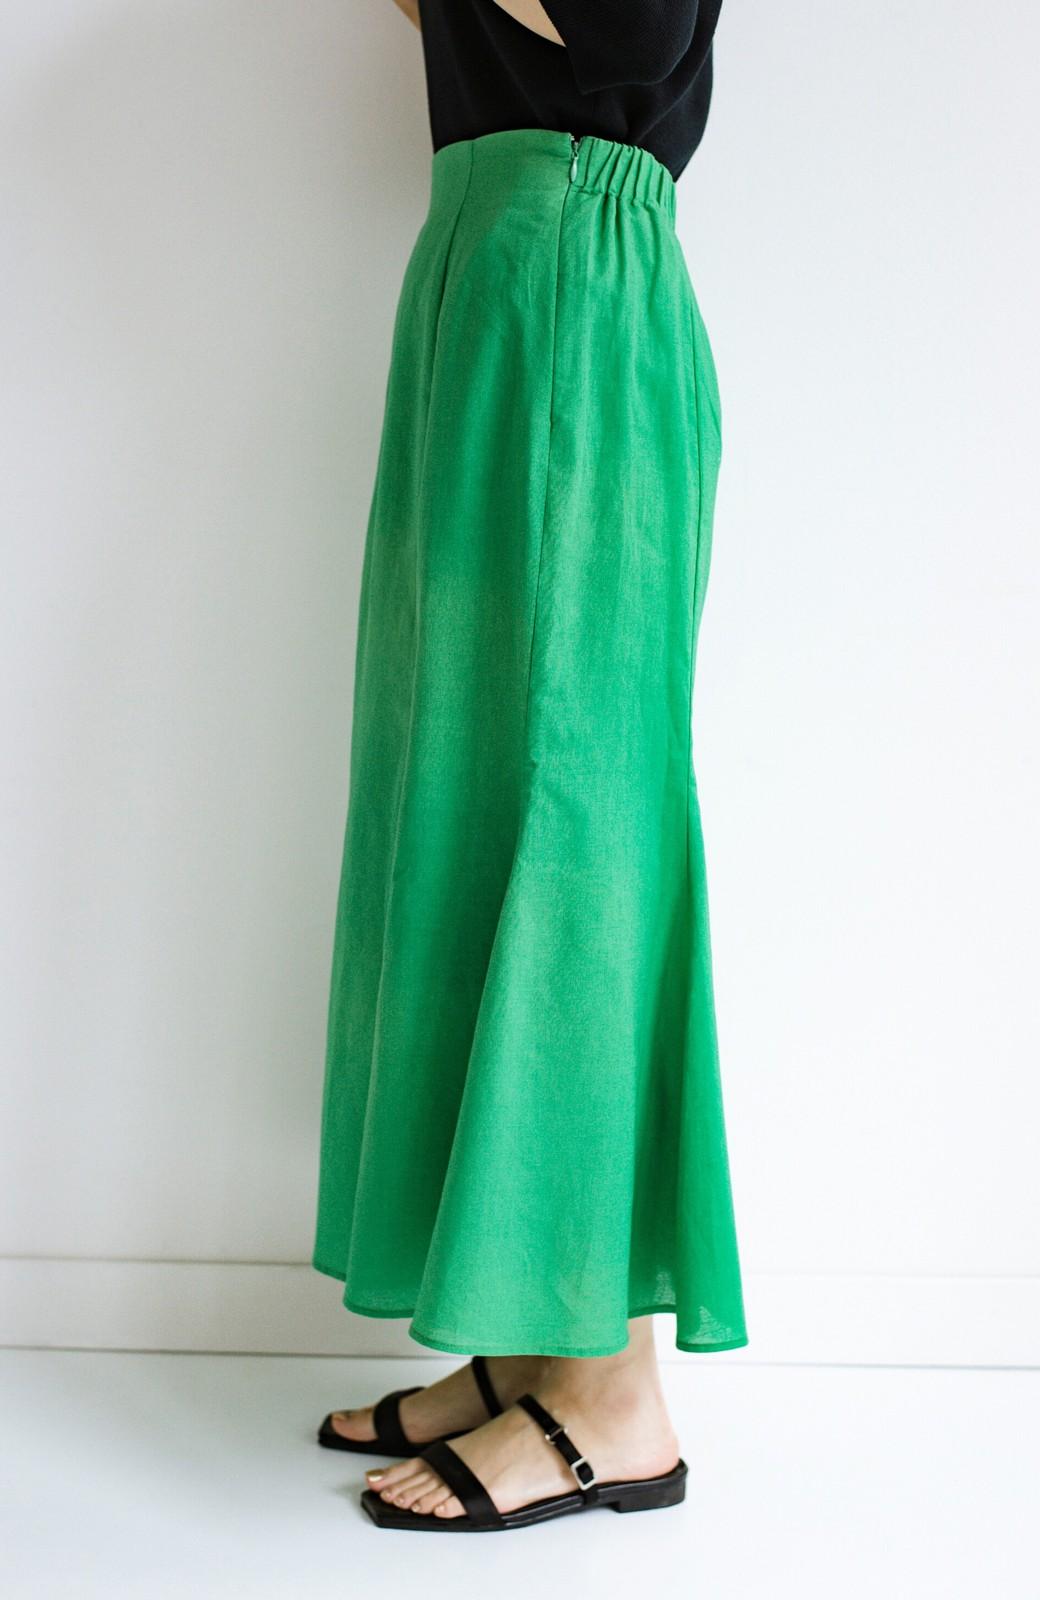 haco! Tシャツと合わせるだけでコーデが決まる!楽して女っぽが叶う麻混マーメイドスカート by que made me <グリーン>の商品写真4